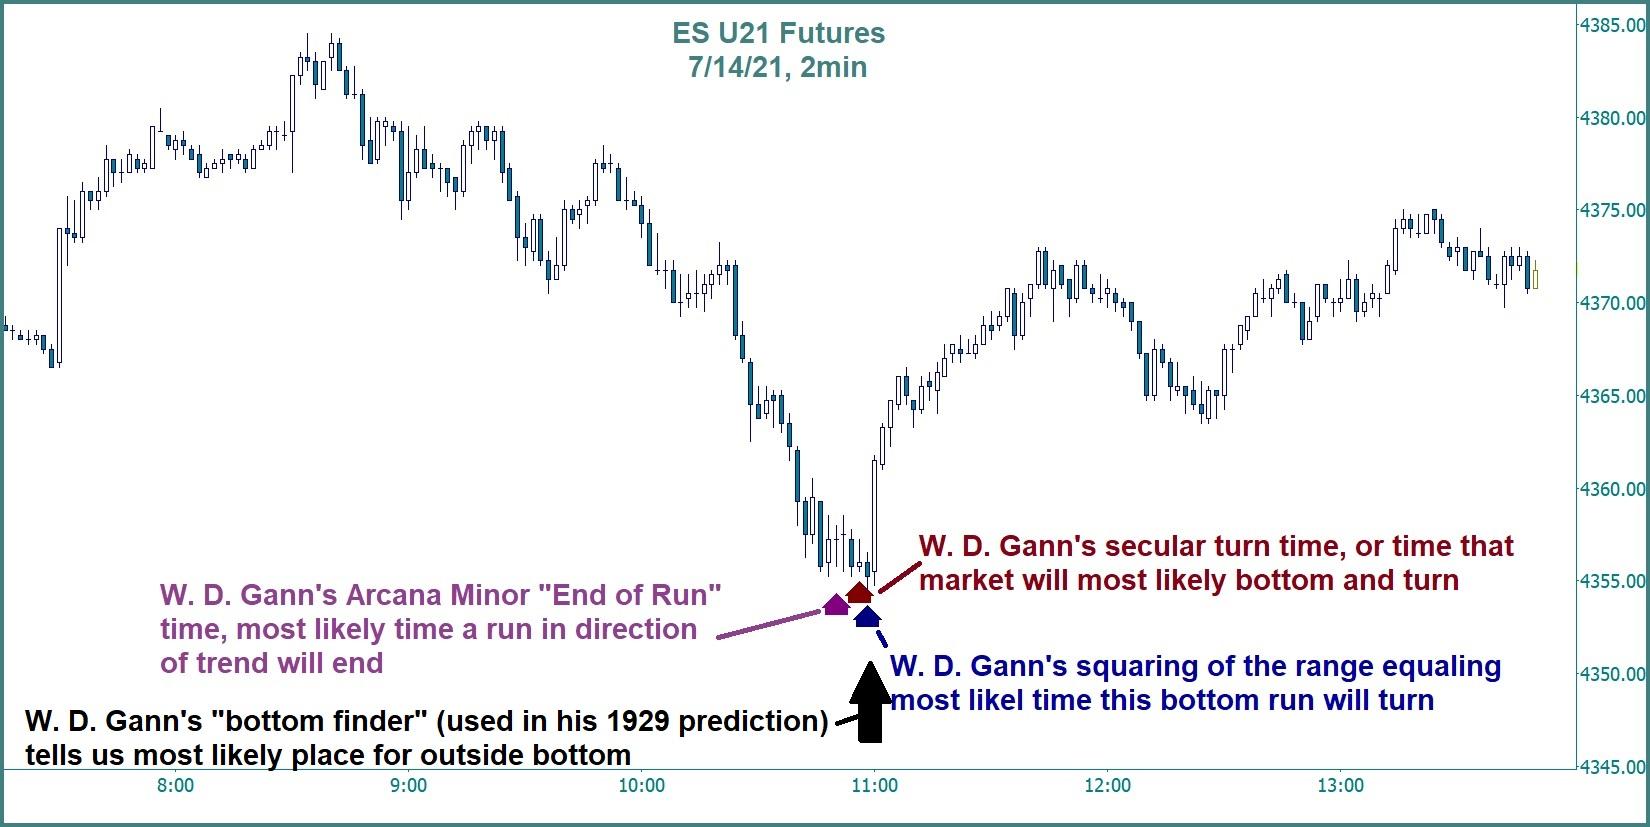 W. D. Gann time rules